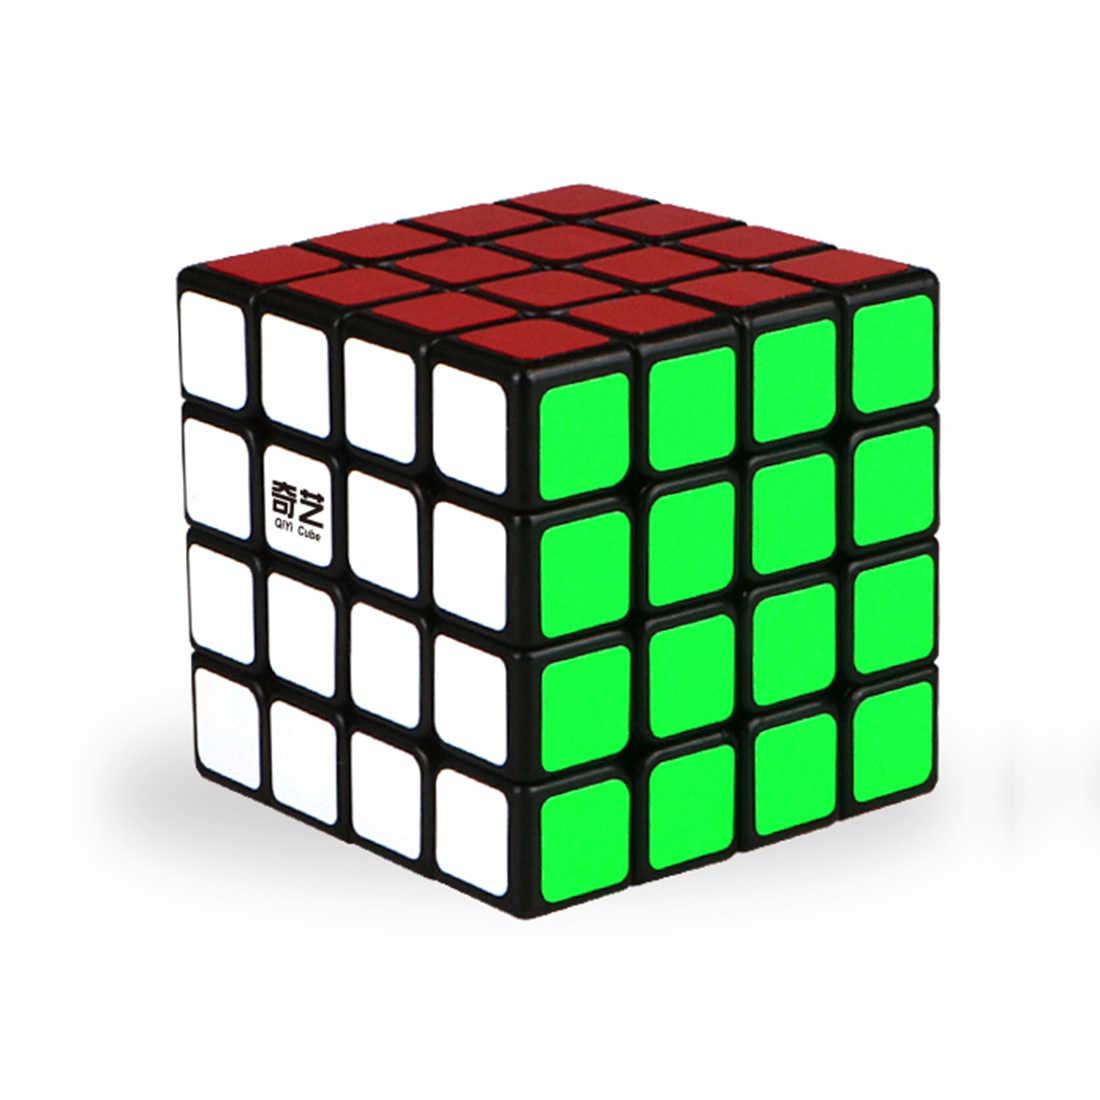 2017 Новый QiYi Yuan S 4x4 волшебный куб головоломка скоростной куб